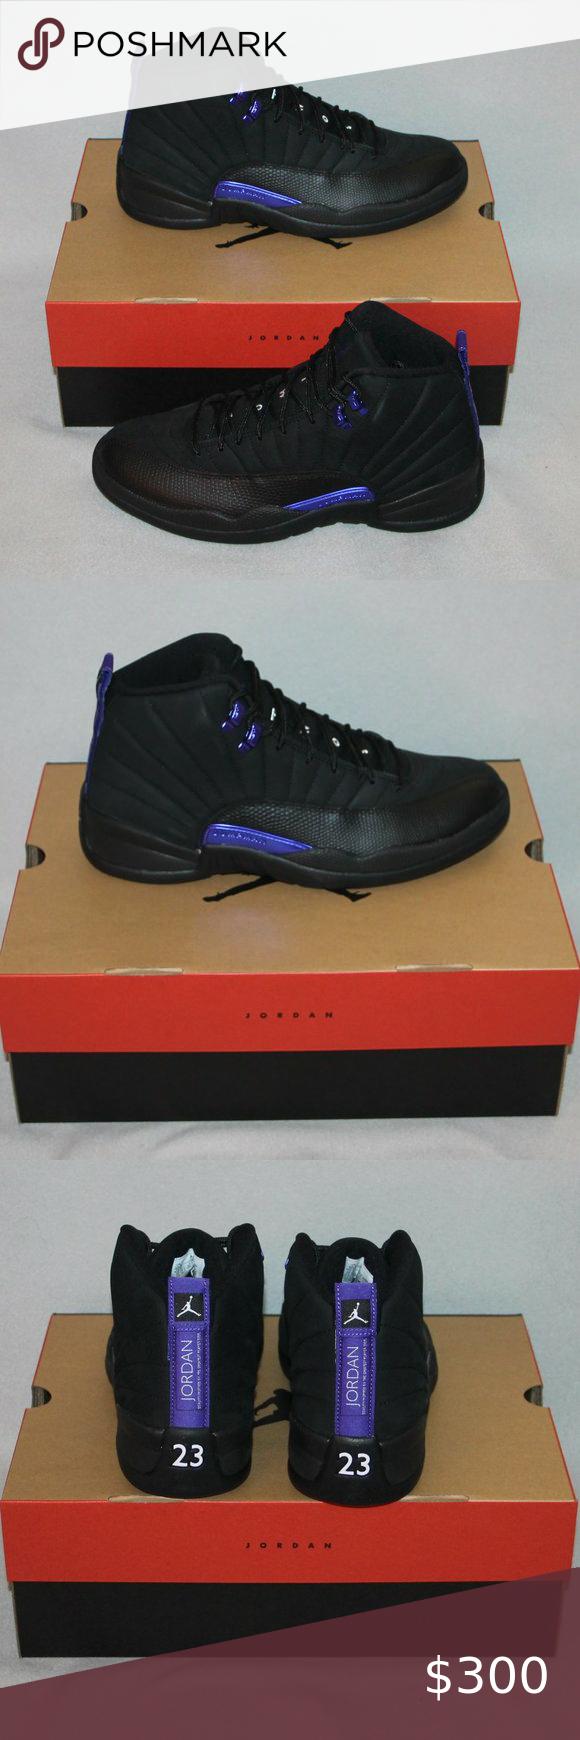 Nike Air Jordan Retro 12 Dark Concord